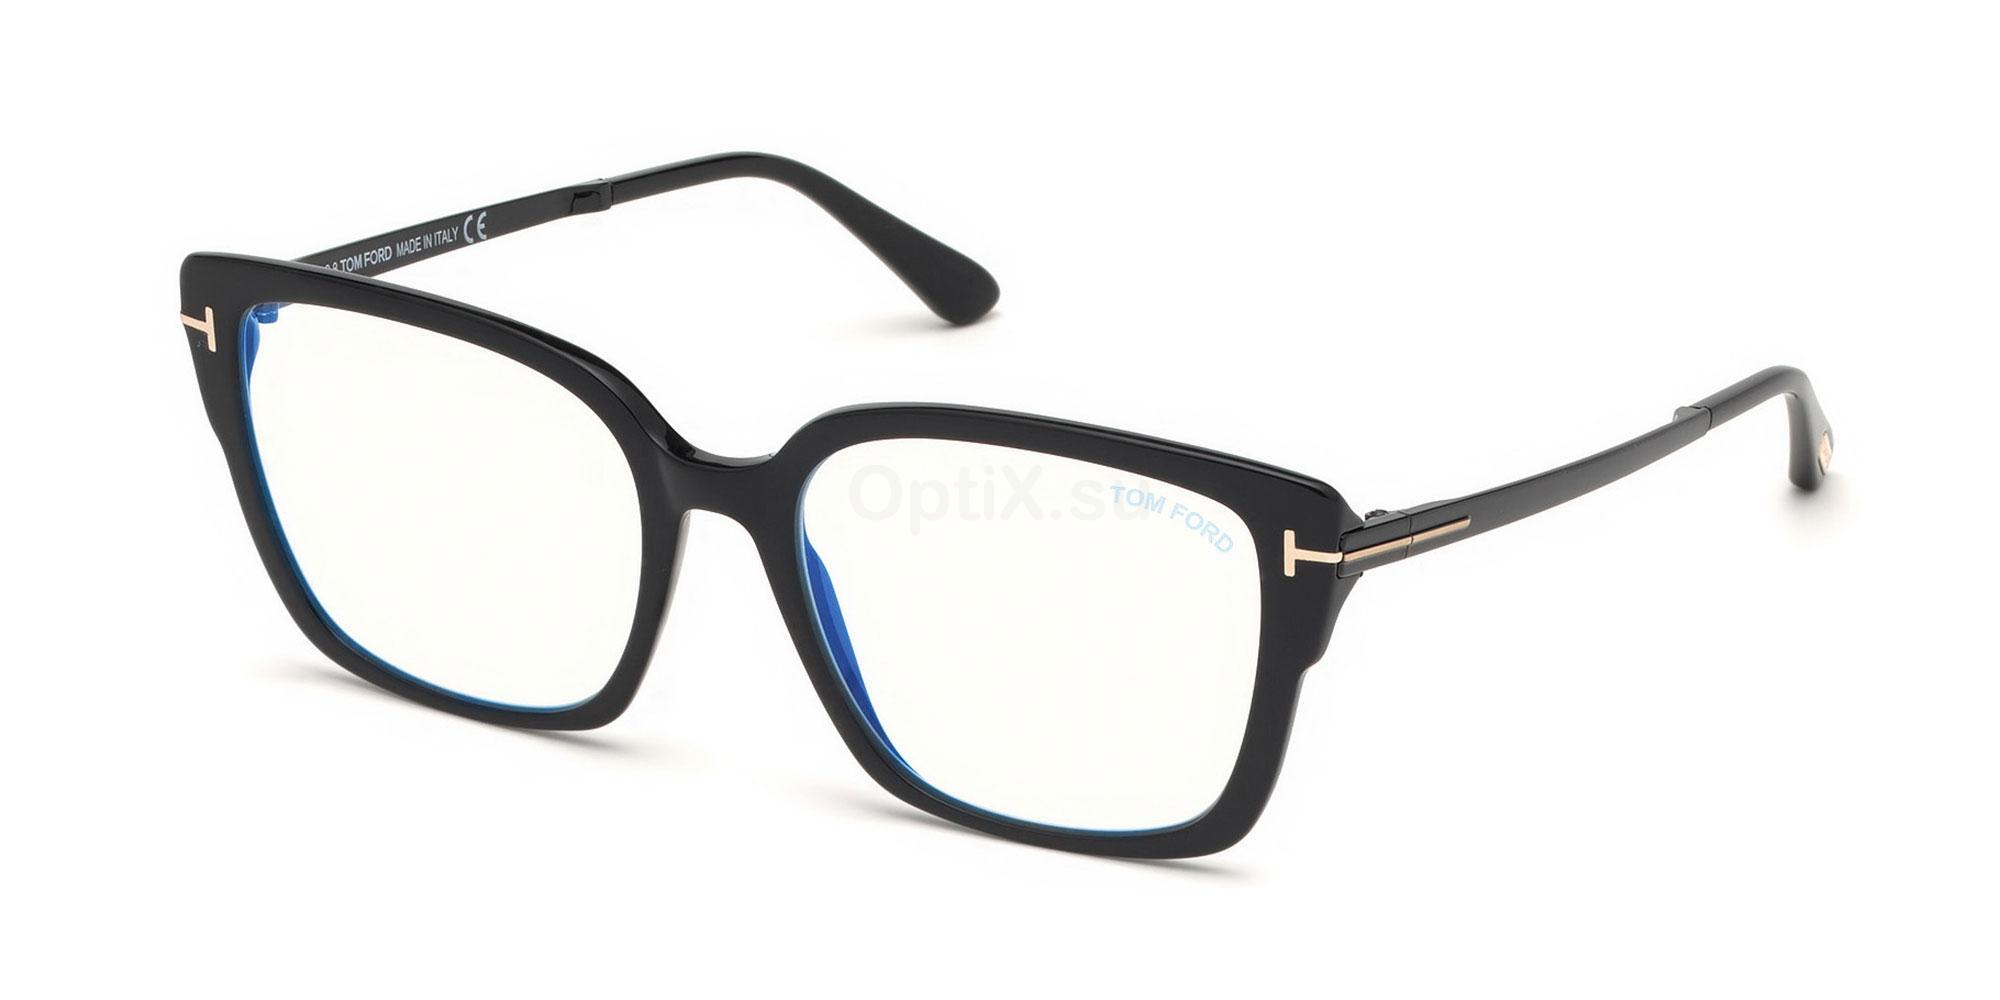 001 FT5579-B Glasses, Tom Ford